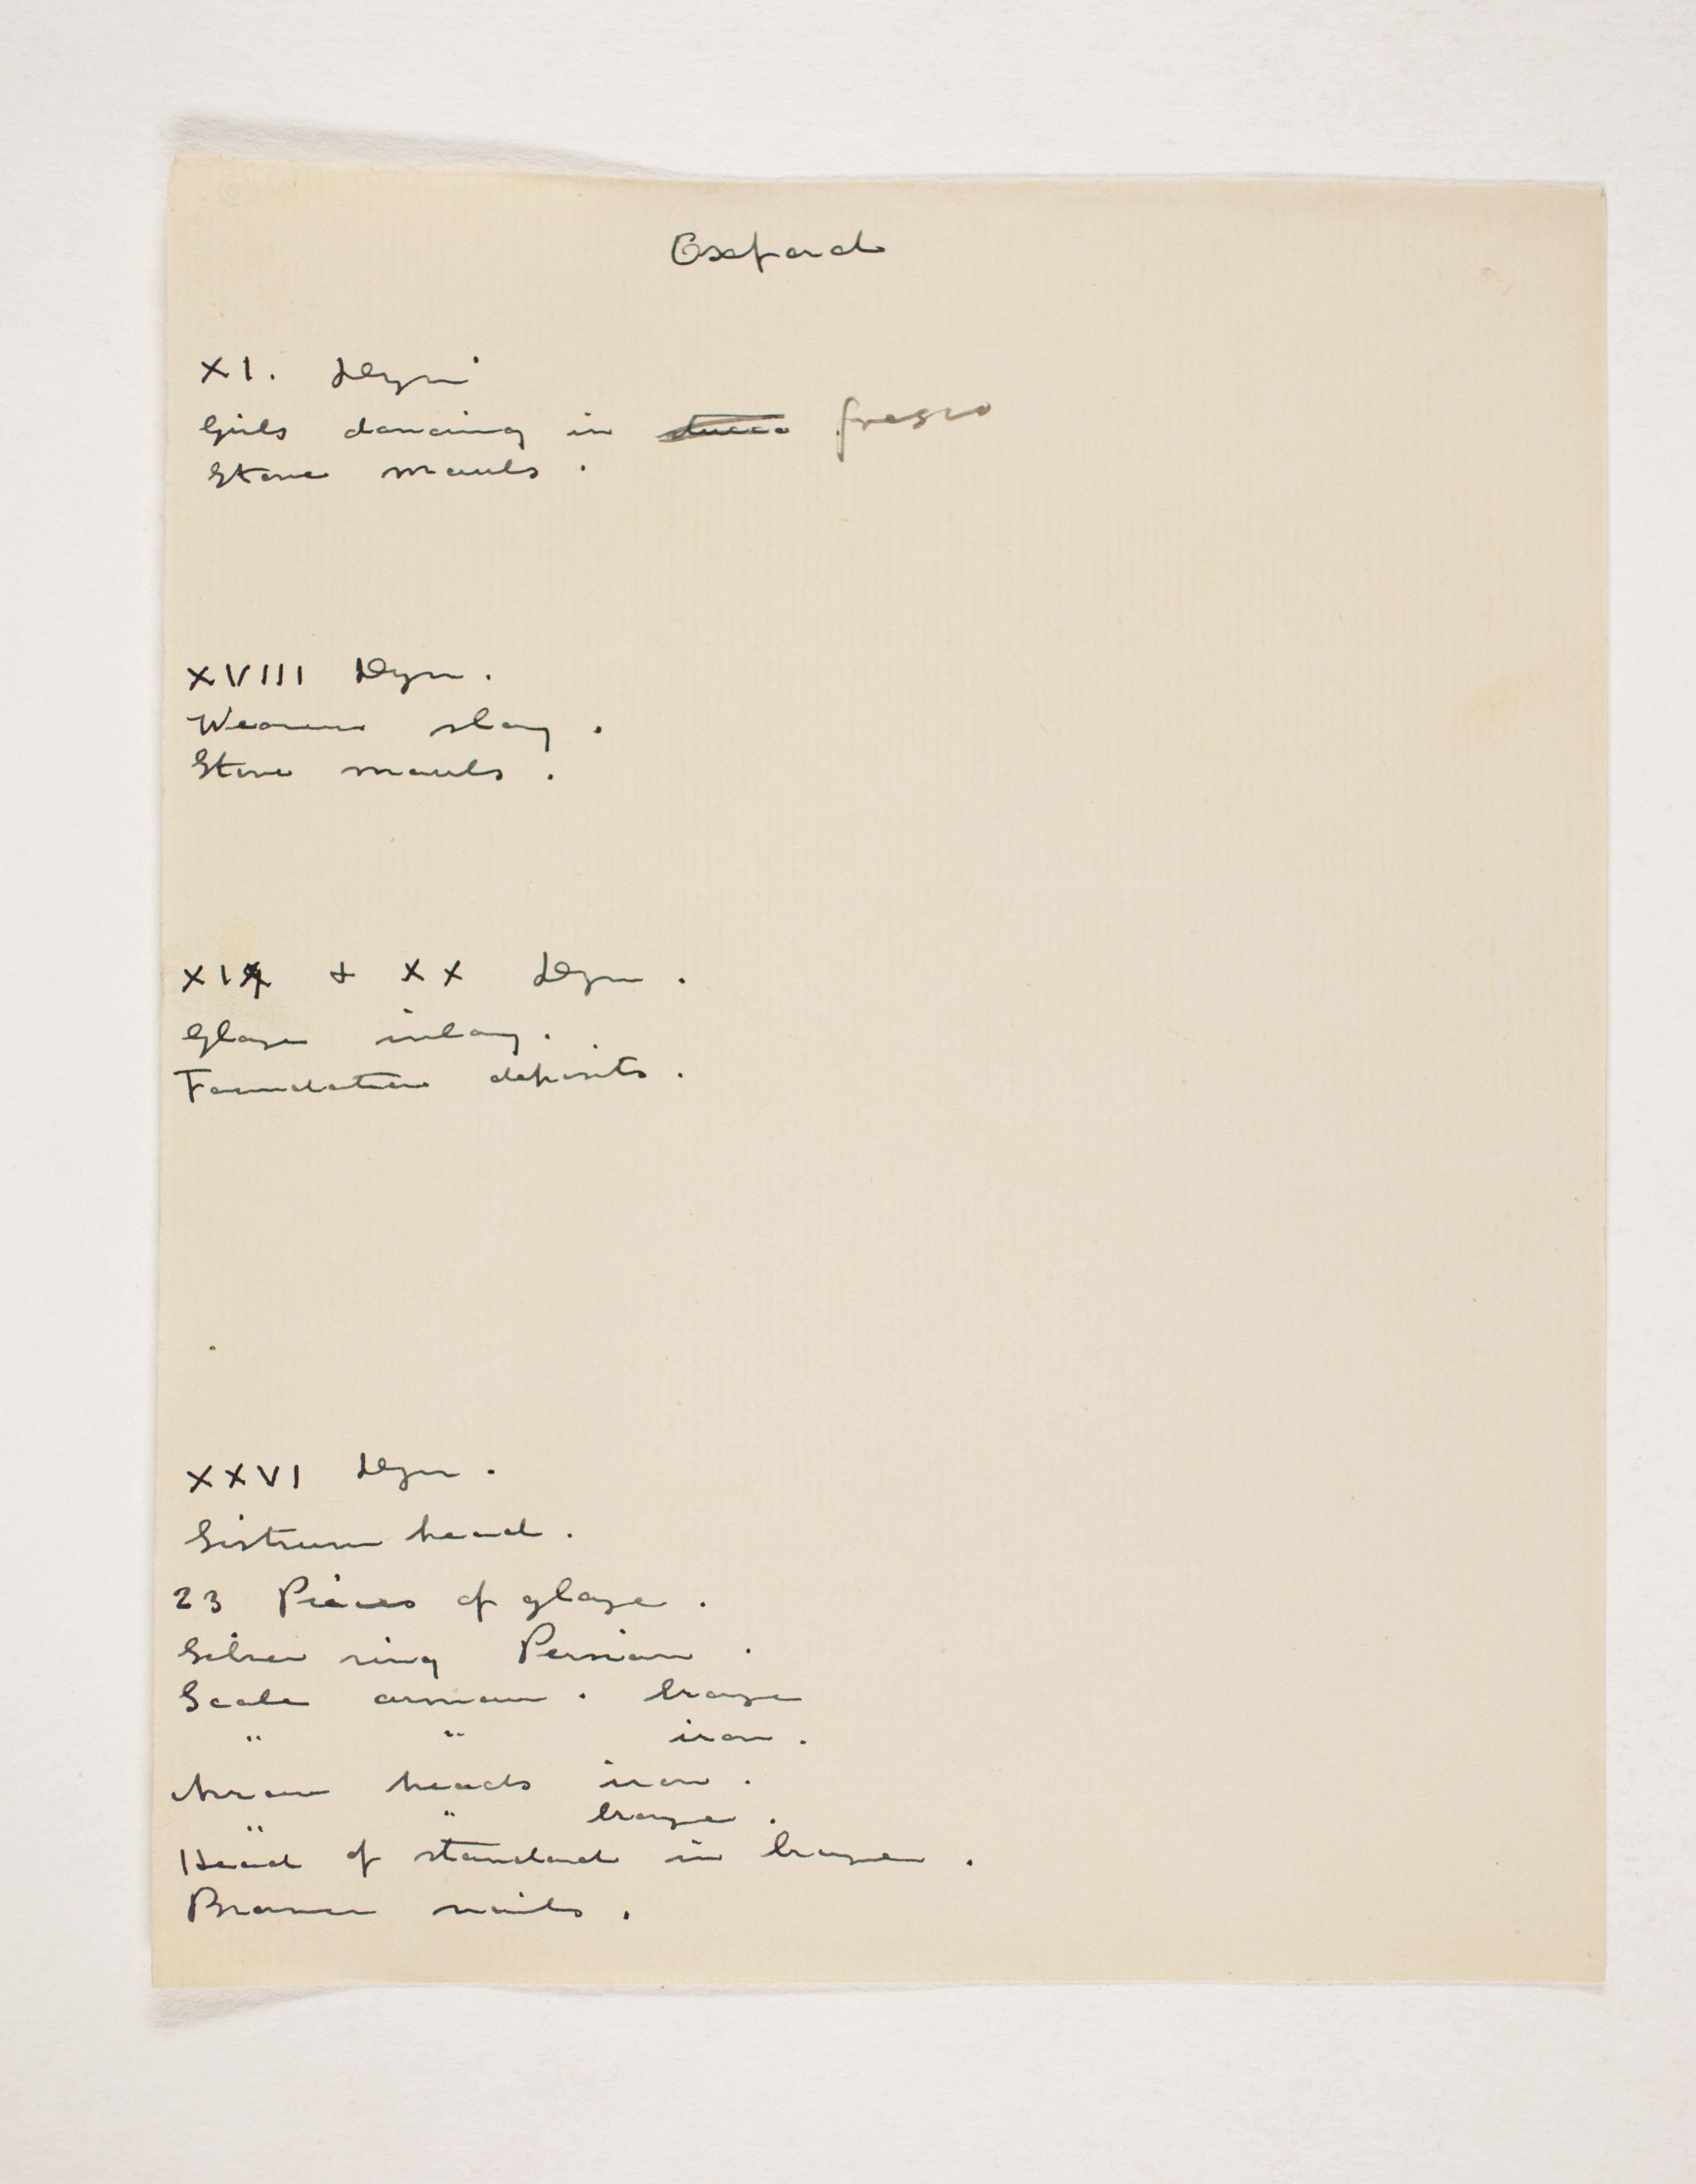 1908-09 Qurneh, Memphis Individual institution list  PMA/WFP1/D/17/10